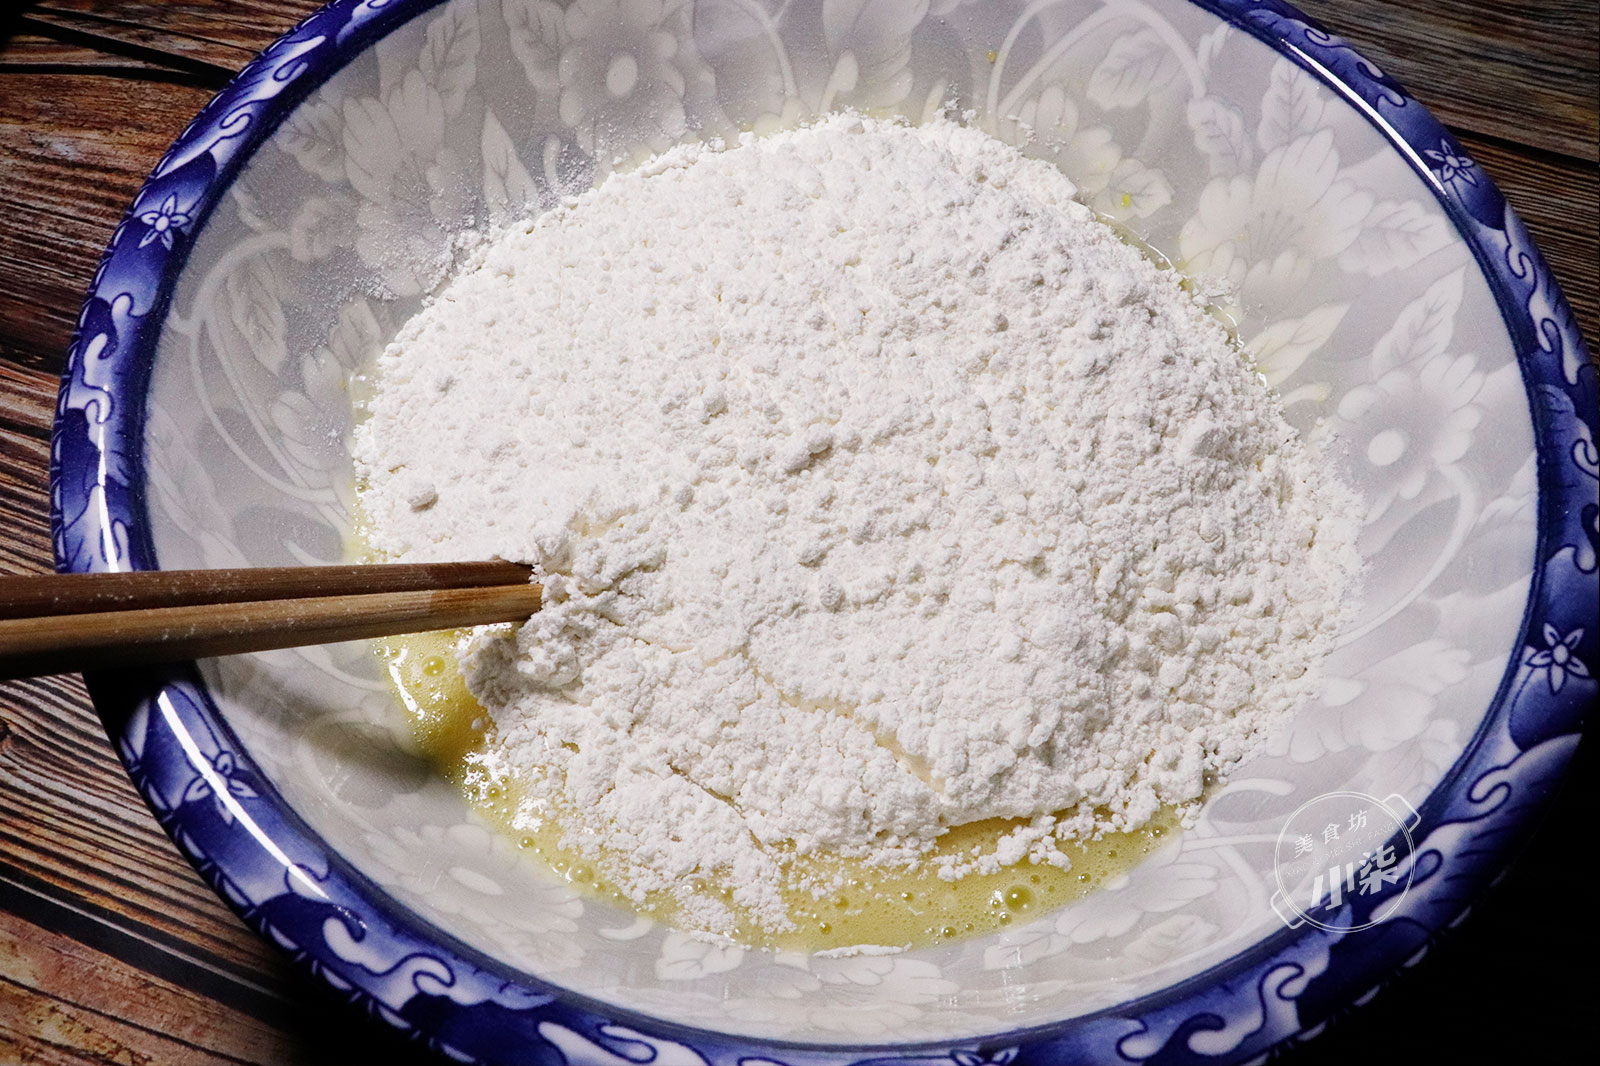 麵粉裡加2個雞蛋,一擀一切個個開口,入口即化,好吃到吮手指